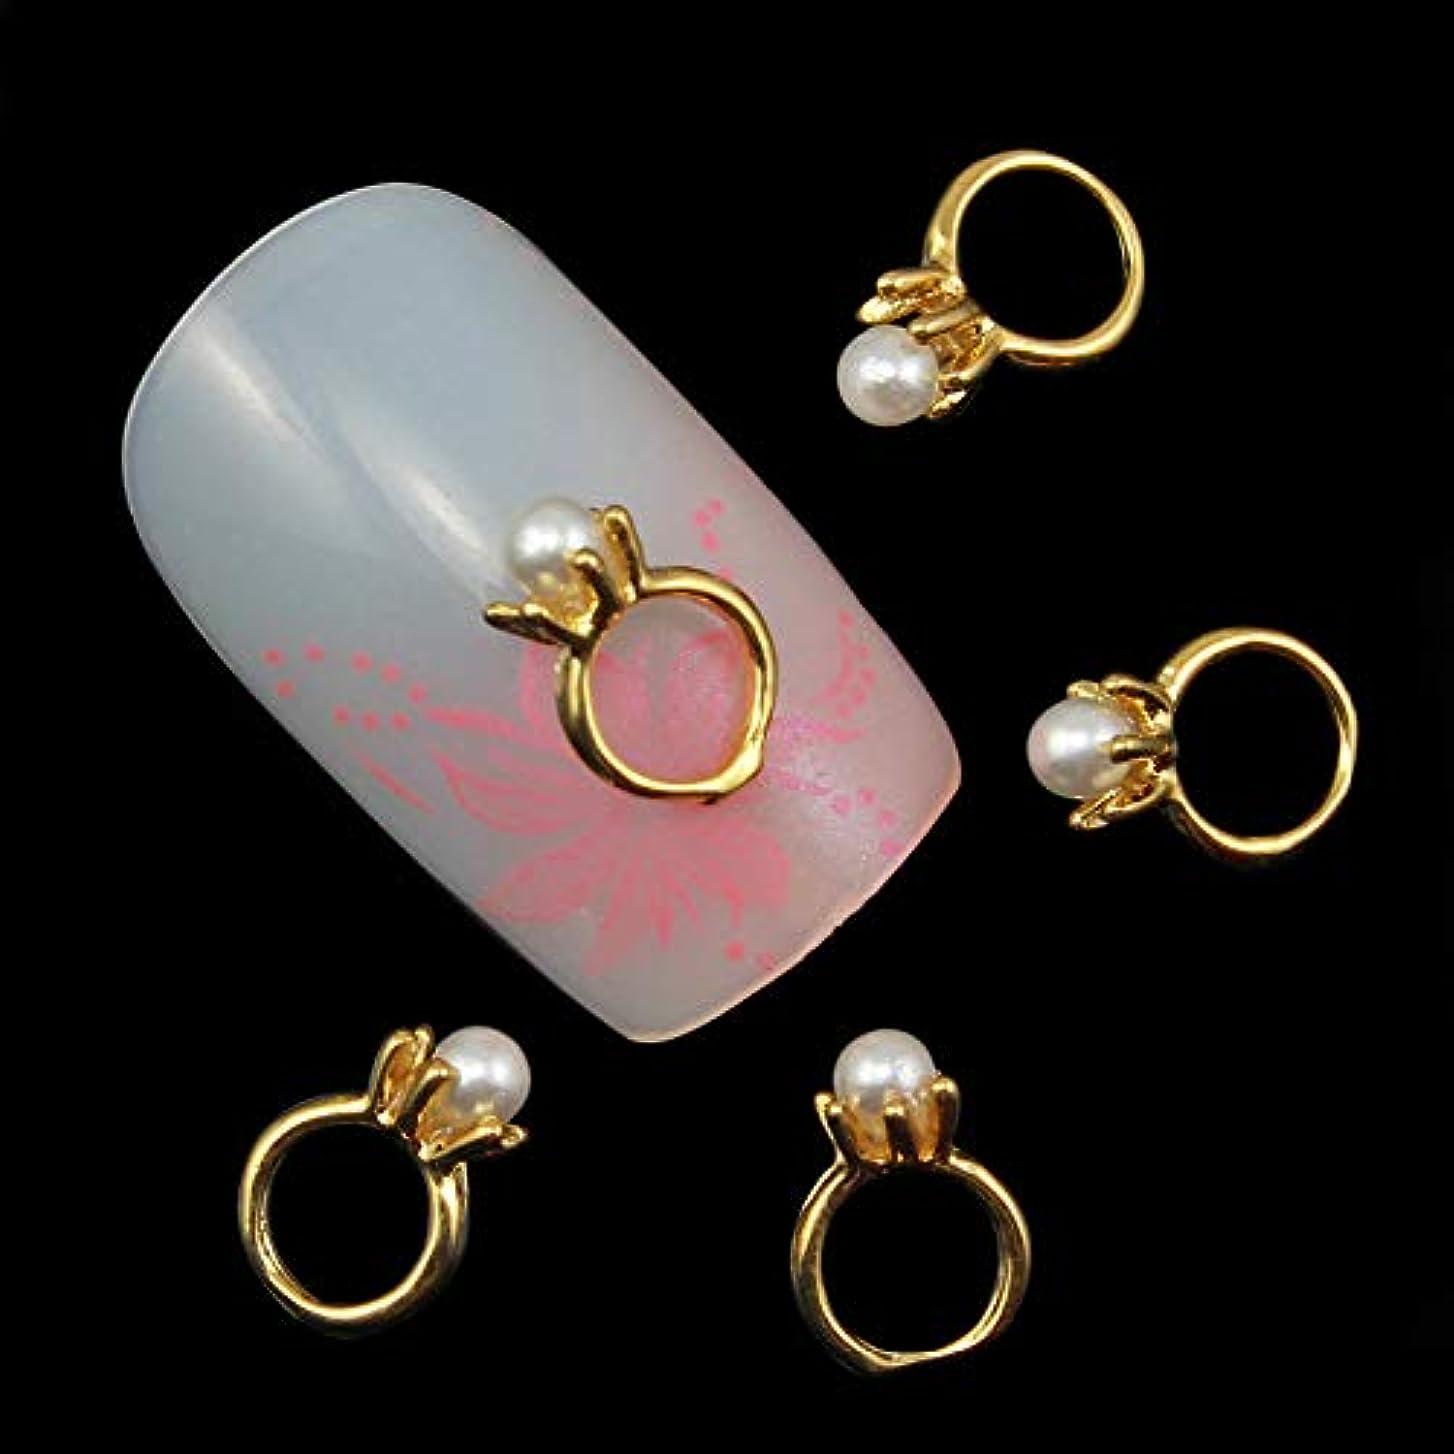 有利裏切る検出10個入りの3Dネイルアートのラインストーンのデコレーションパールゴールドリング形状ネイルのヒントネイルジェルツールサプライヤのセックス製品